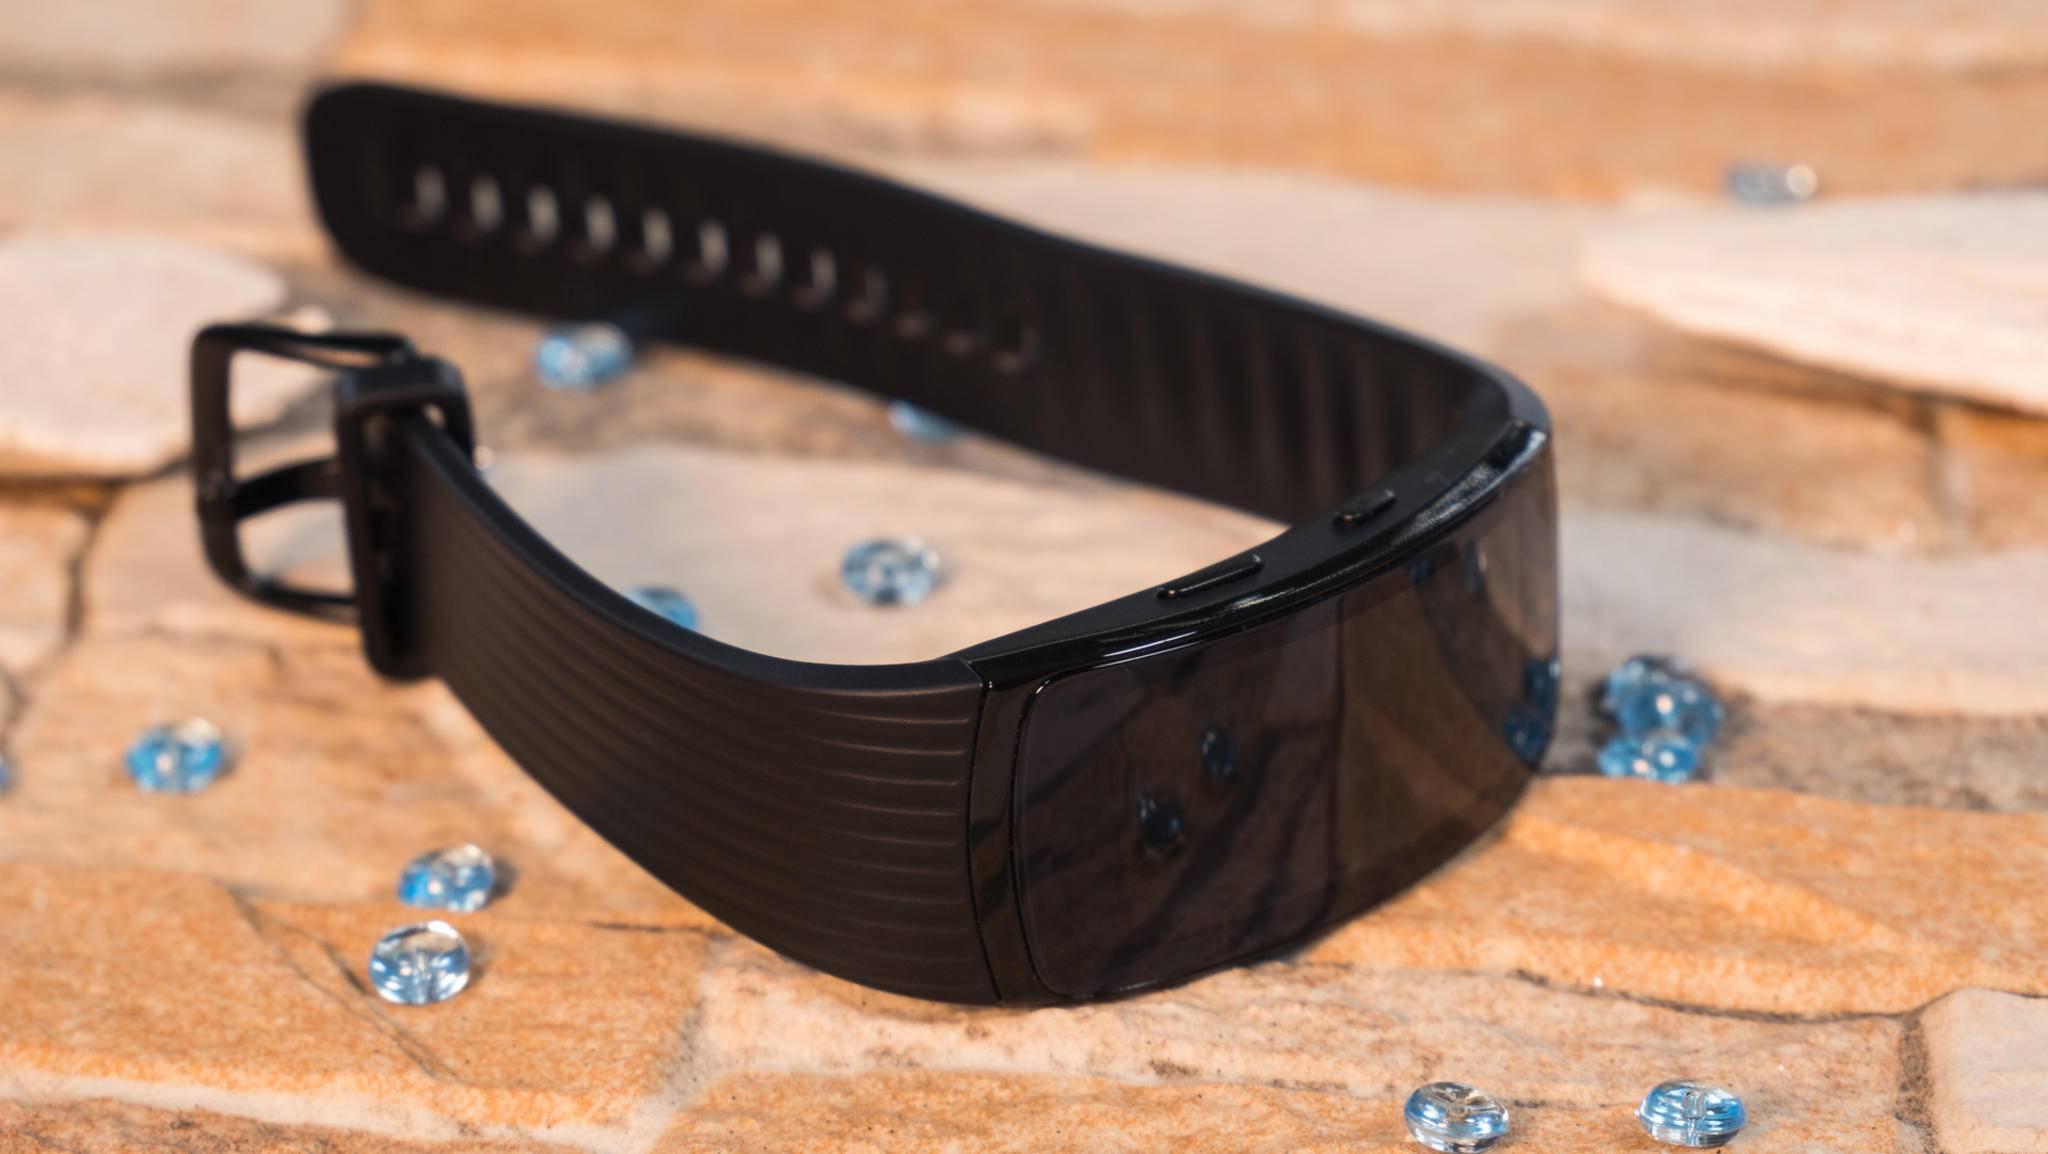 Das gebogene Curved-AMOLED-Display schmiegt sich ans Handgelenk an.